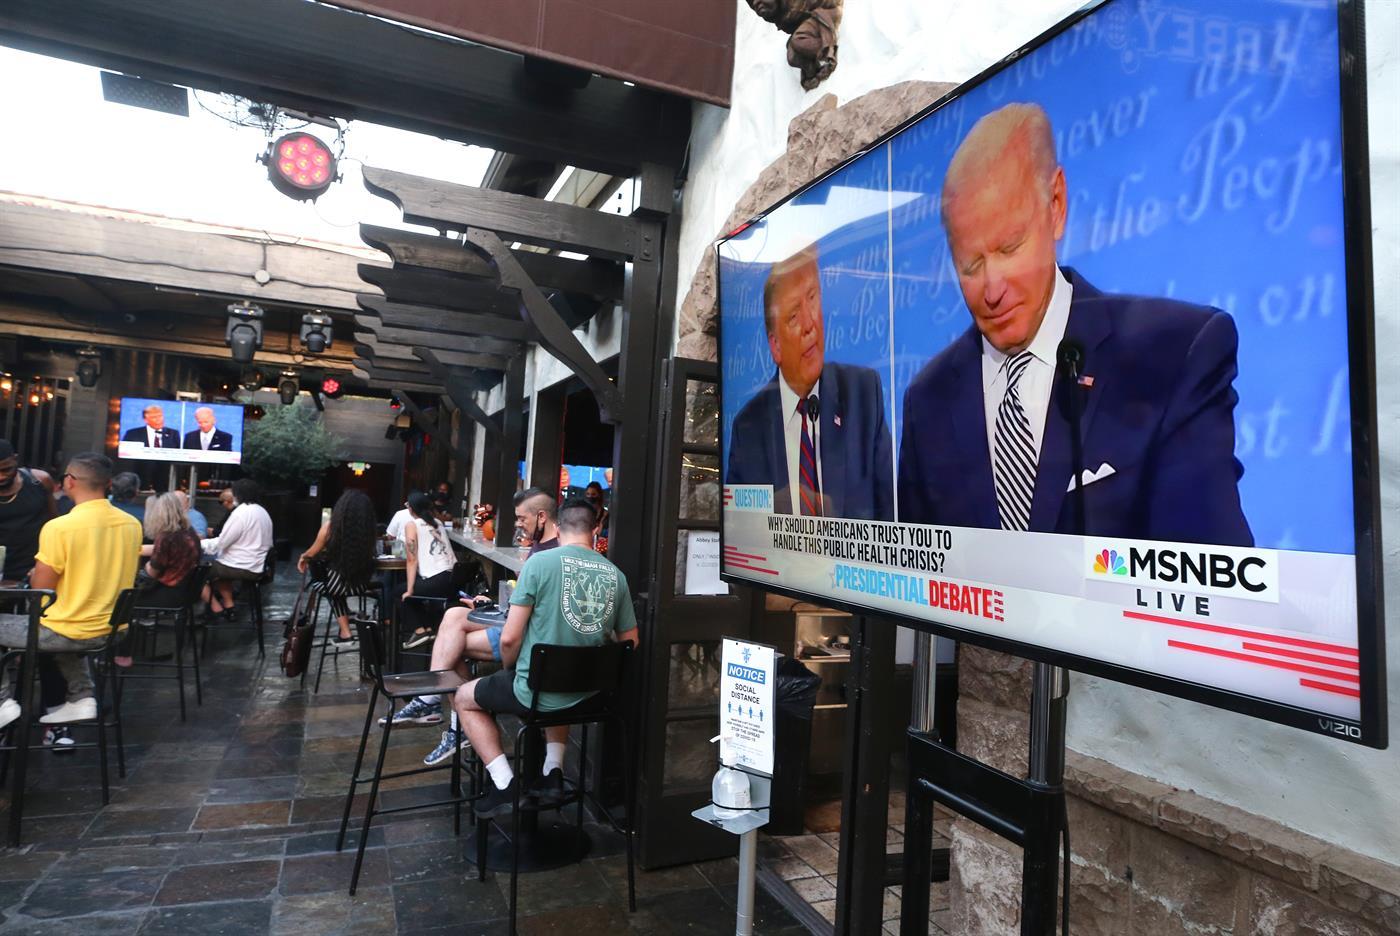 Eleições. Biden manda calar Trump em debate caótico